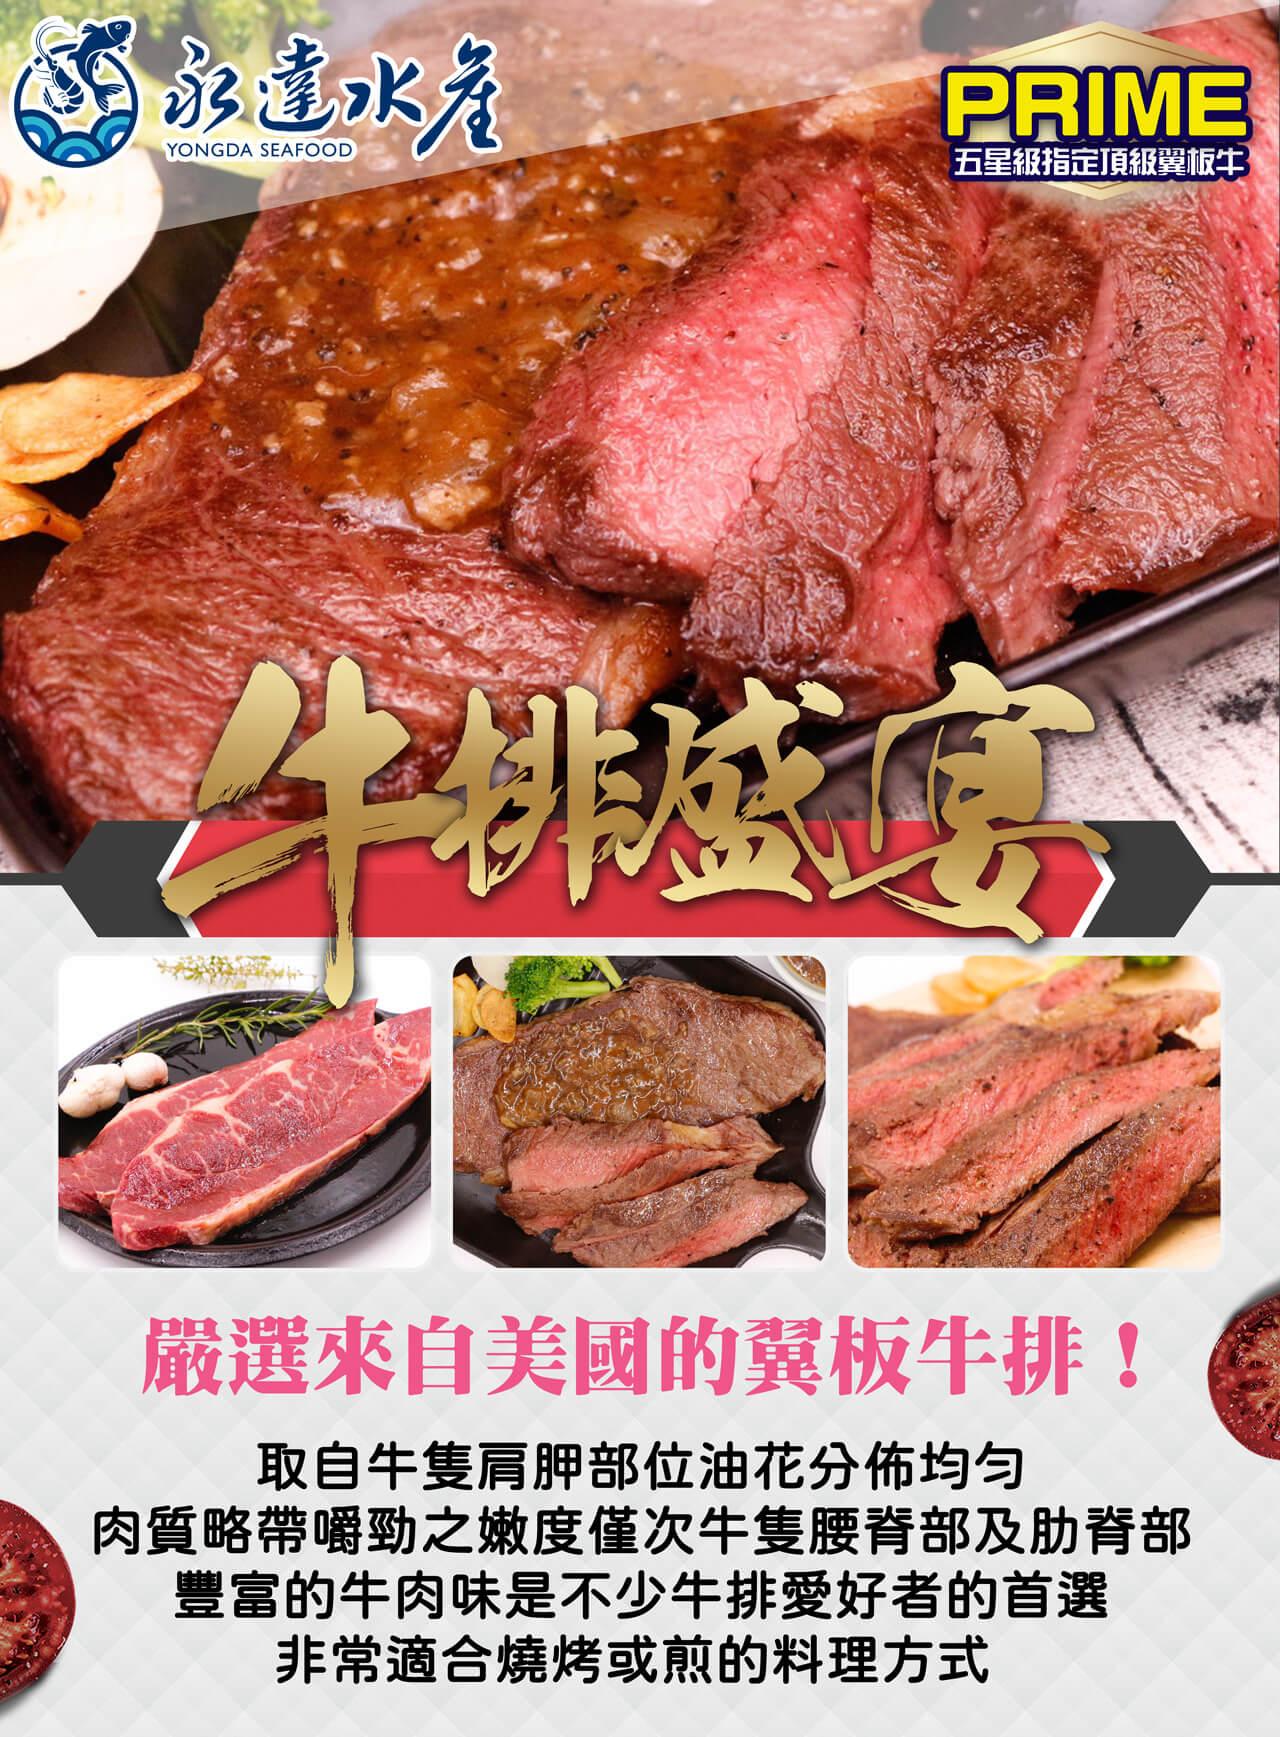 肉品|PRIME美國翼板牛排|翼板牛排|牛排|翼板|牛肉